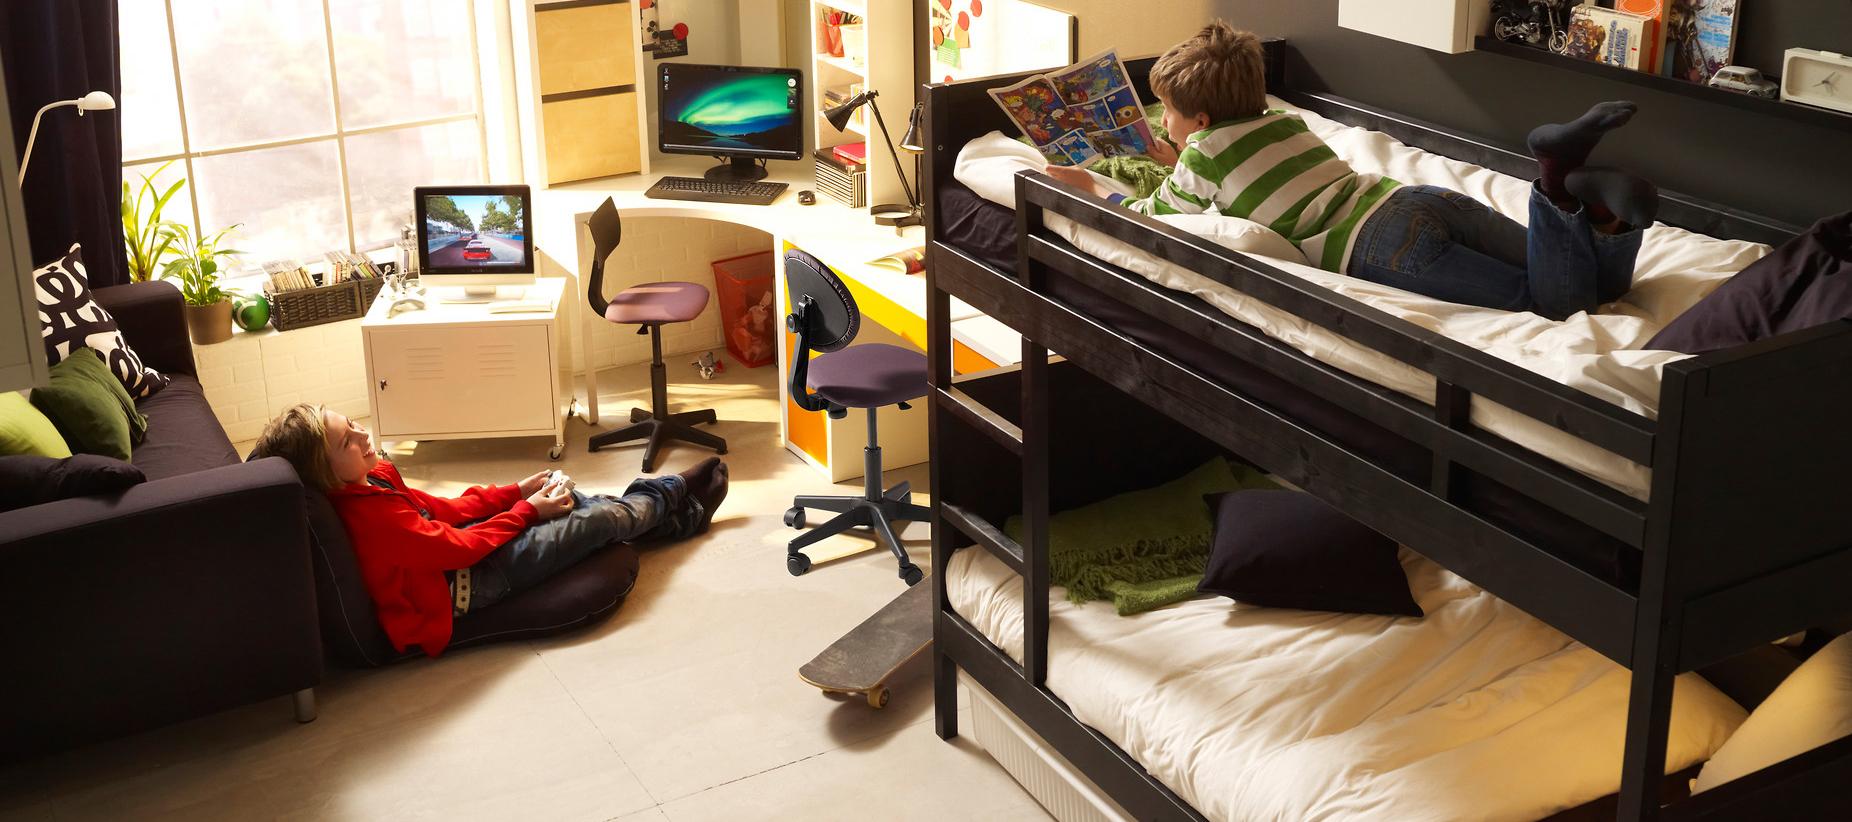 двухъярусные кровати Ikea 53 фото инструкция по сборке варианты